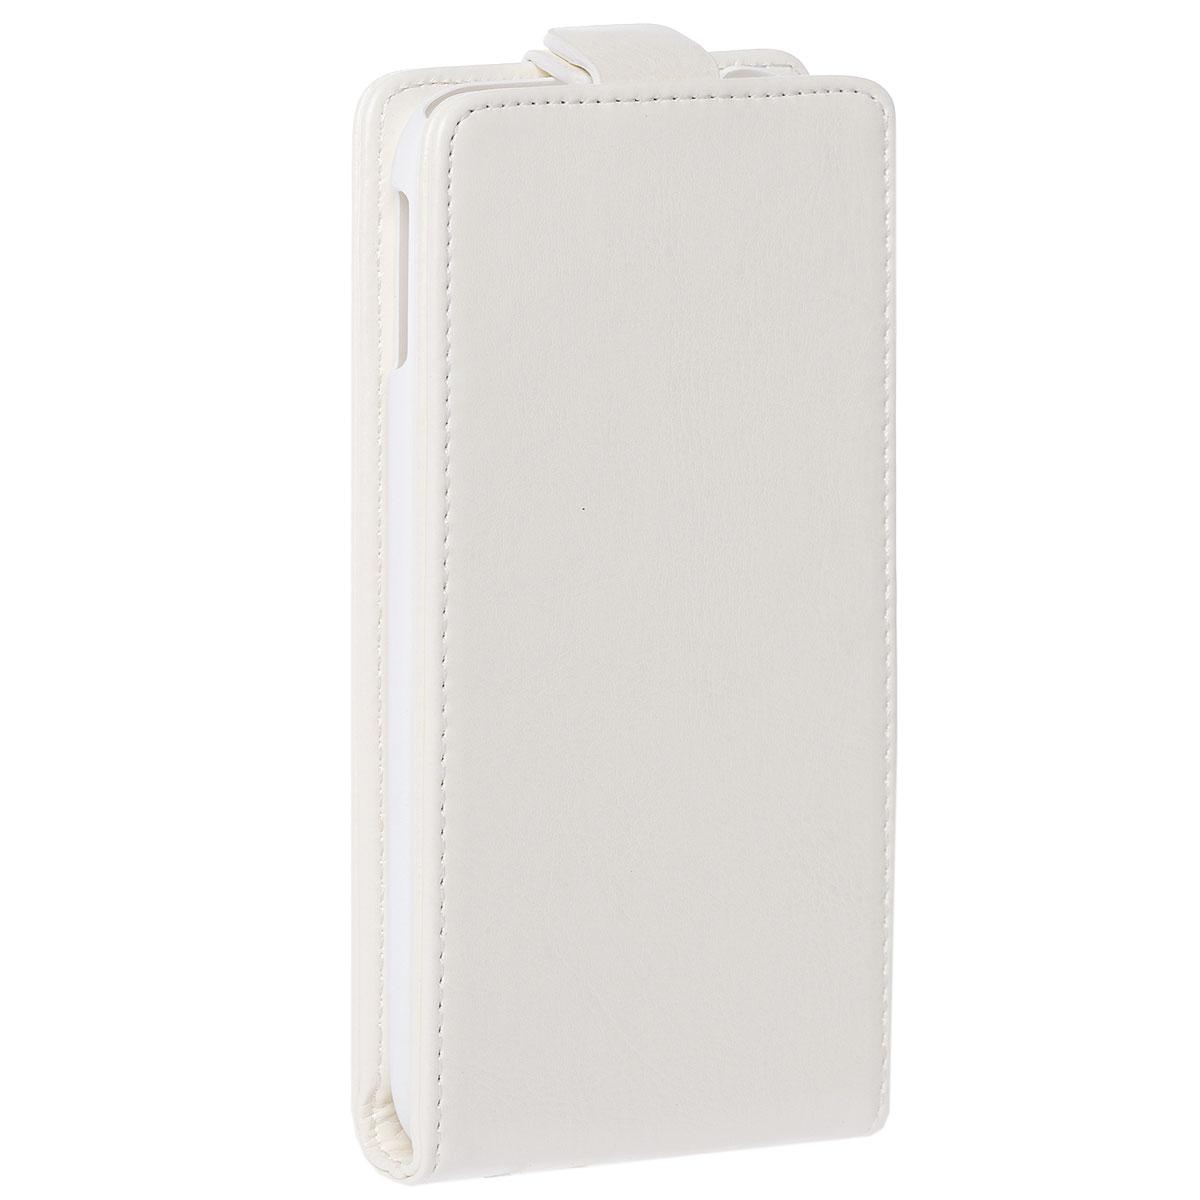 Skinbox Flip Case чехол для HTC One M8, WhiteT-F-HOM8Чехол Skinbox Flip Case выполнен из высококачественного поликарбоната и экокожи. Он надежно защитит ваше устройство от пыли, влаги и механических повреждений. Обеспечивает свободный доступ ко всем разъемам и клавишам смартфона.